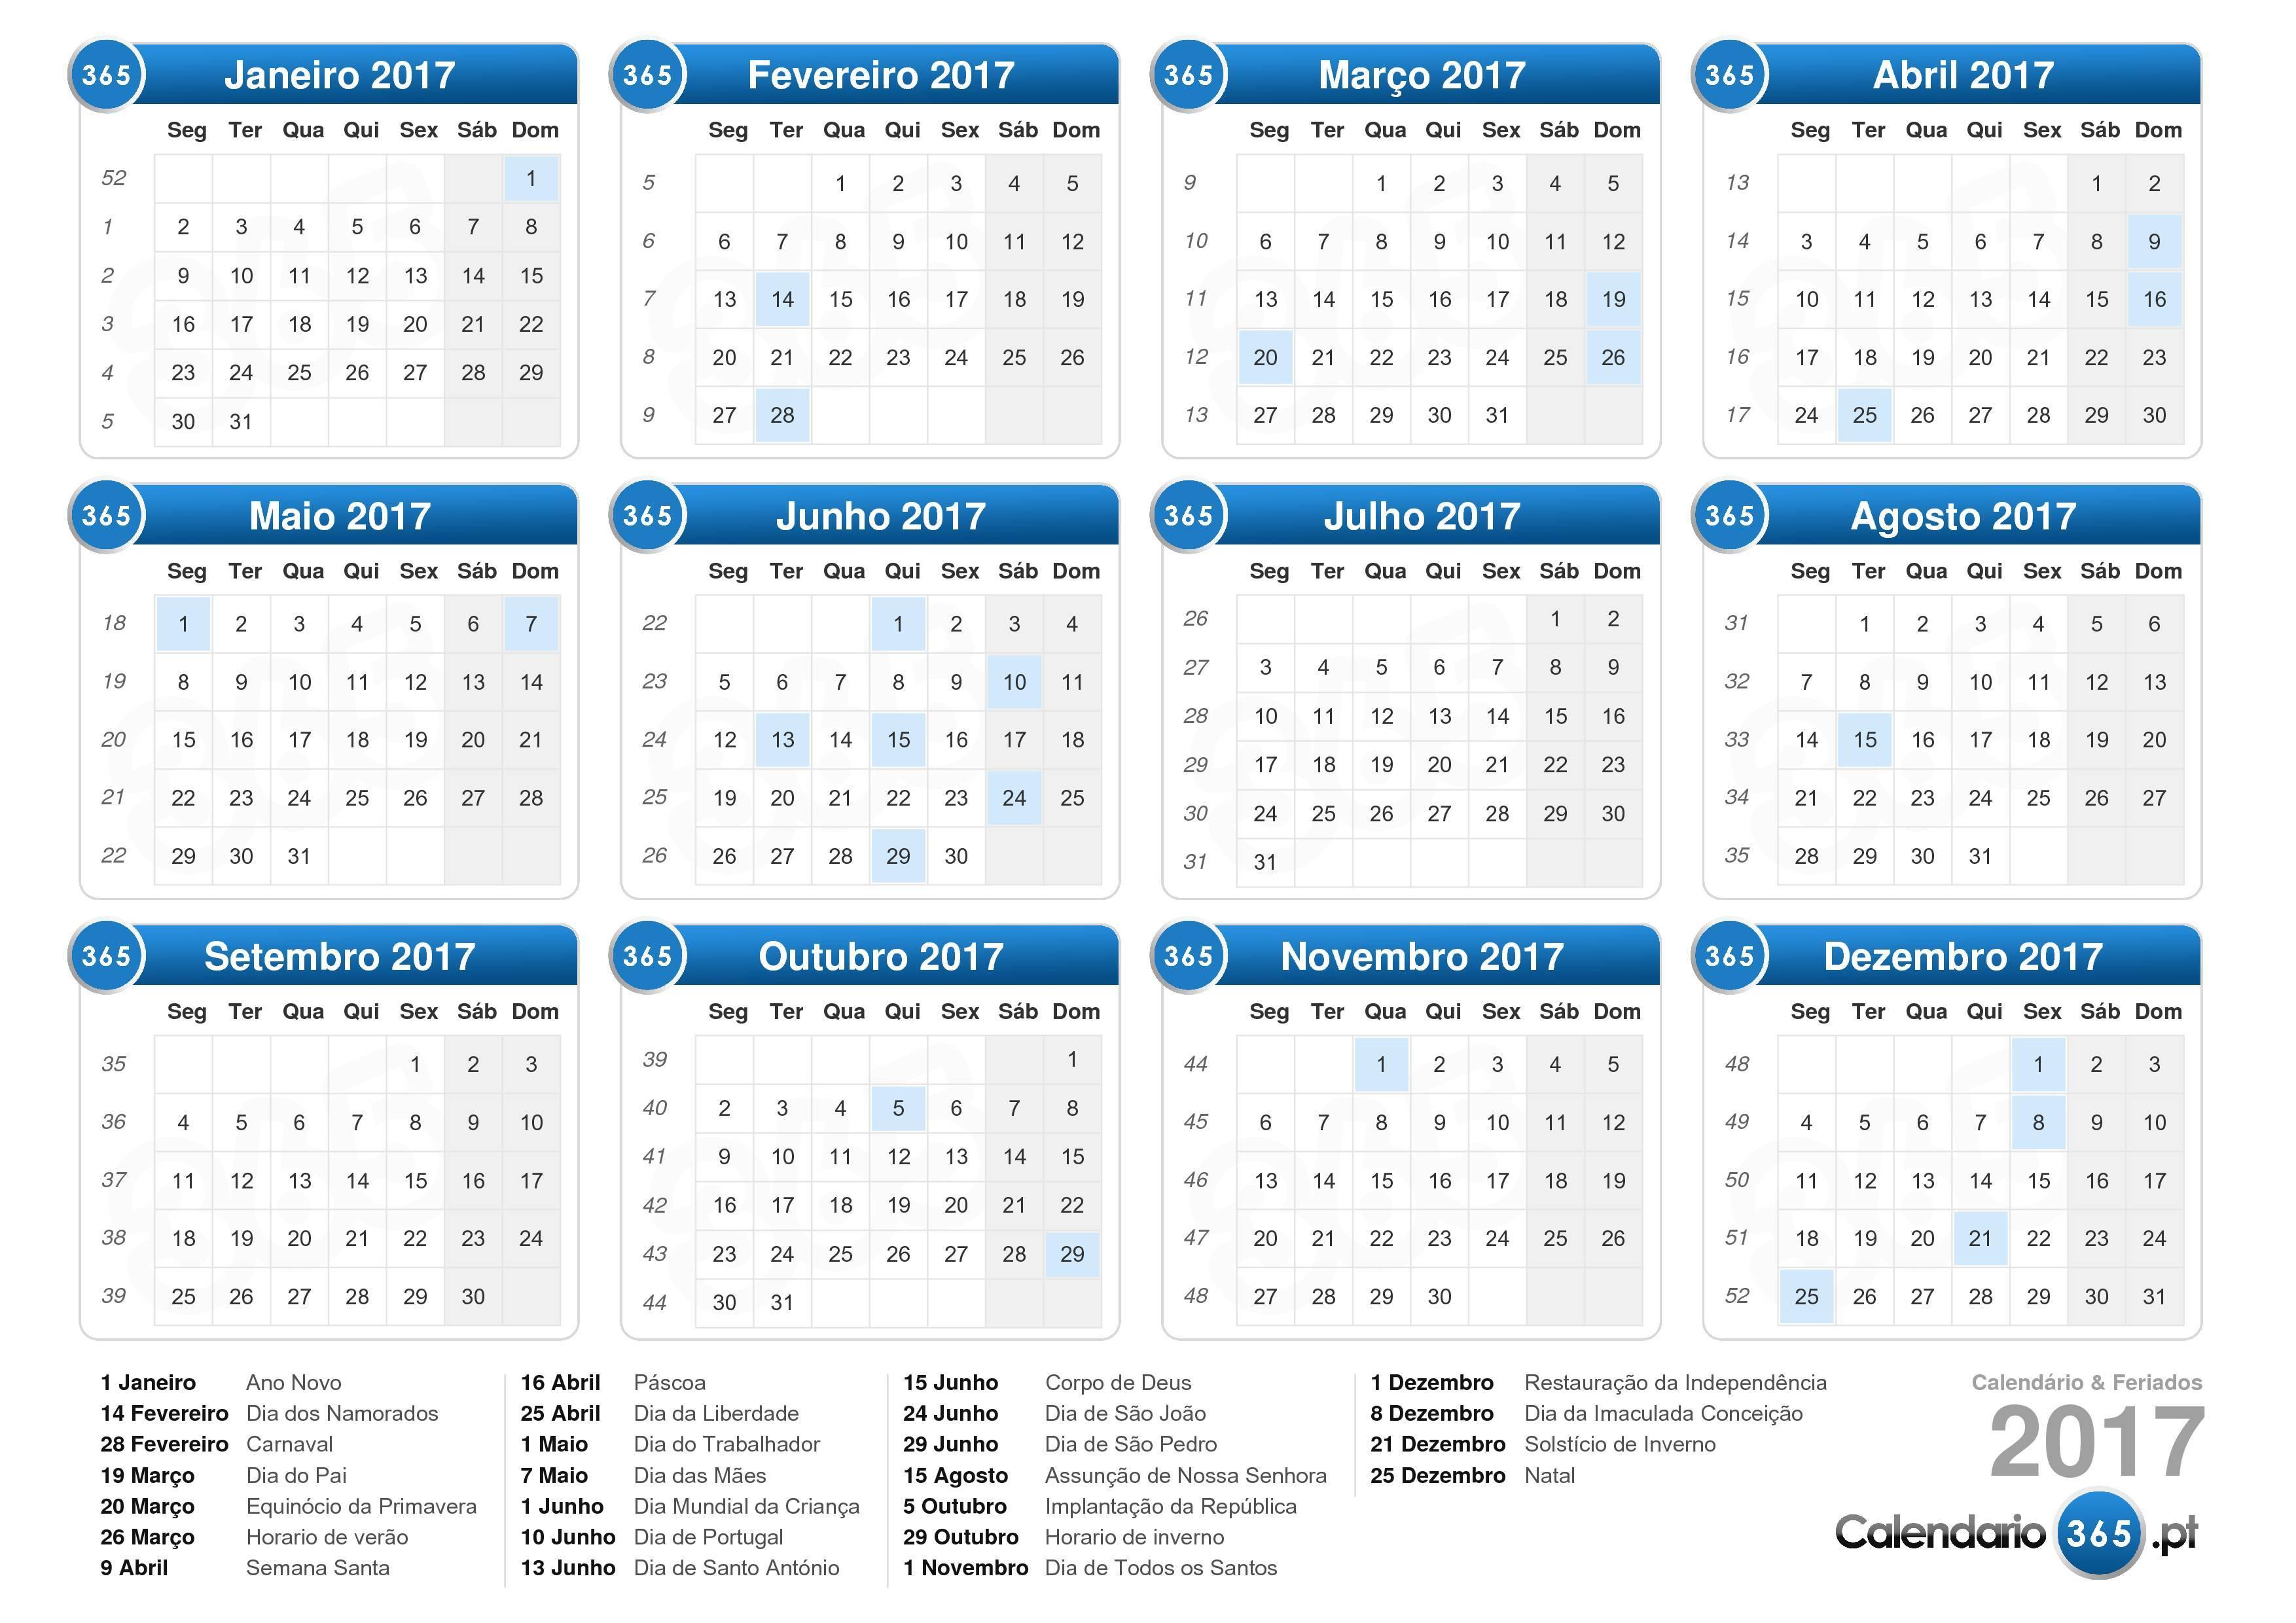 ... 2017 com feriados formato de paisagem 1 página calendário 2017 87